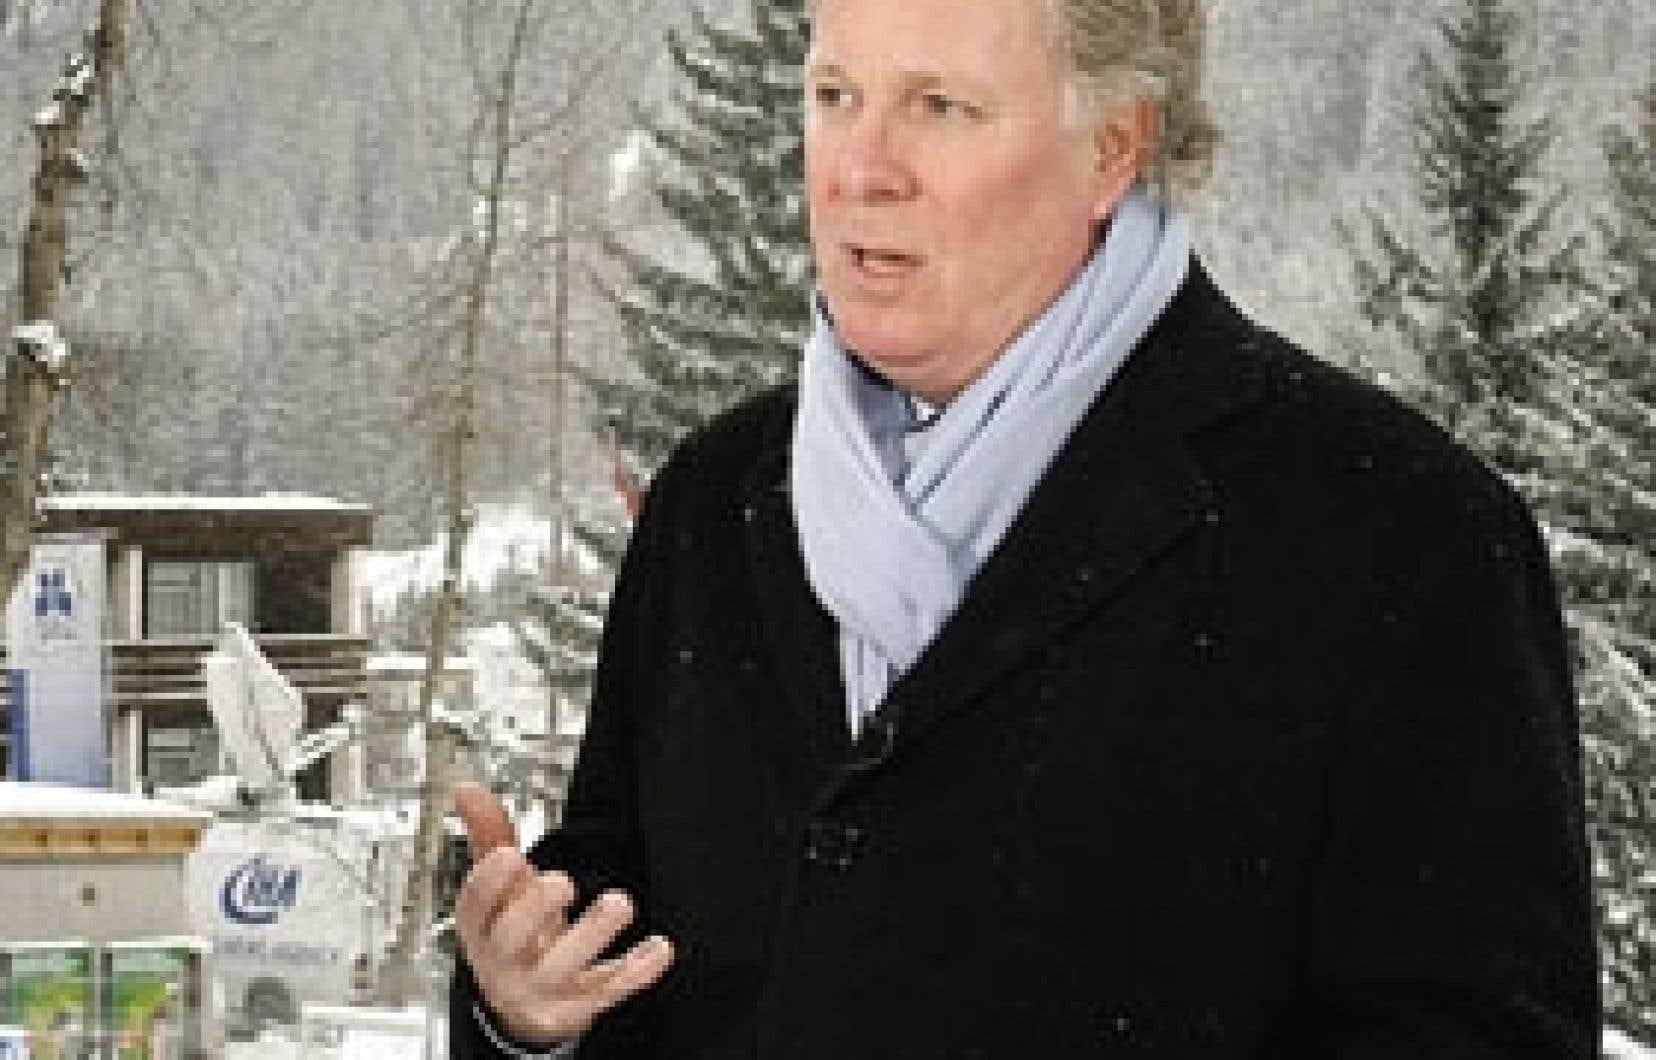 Selon l'économiste Christian Deblock, l'appel lancé la semaine dernière par le premier ministre Jean Charest montre bien, comment «le Québec commence à être sérieusement à l'étroit» lorsqu'il cherche un autre partenaire commercial que